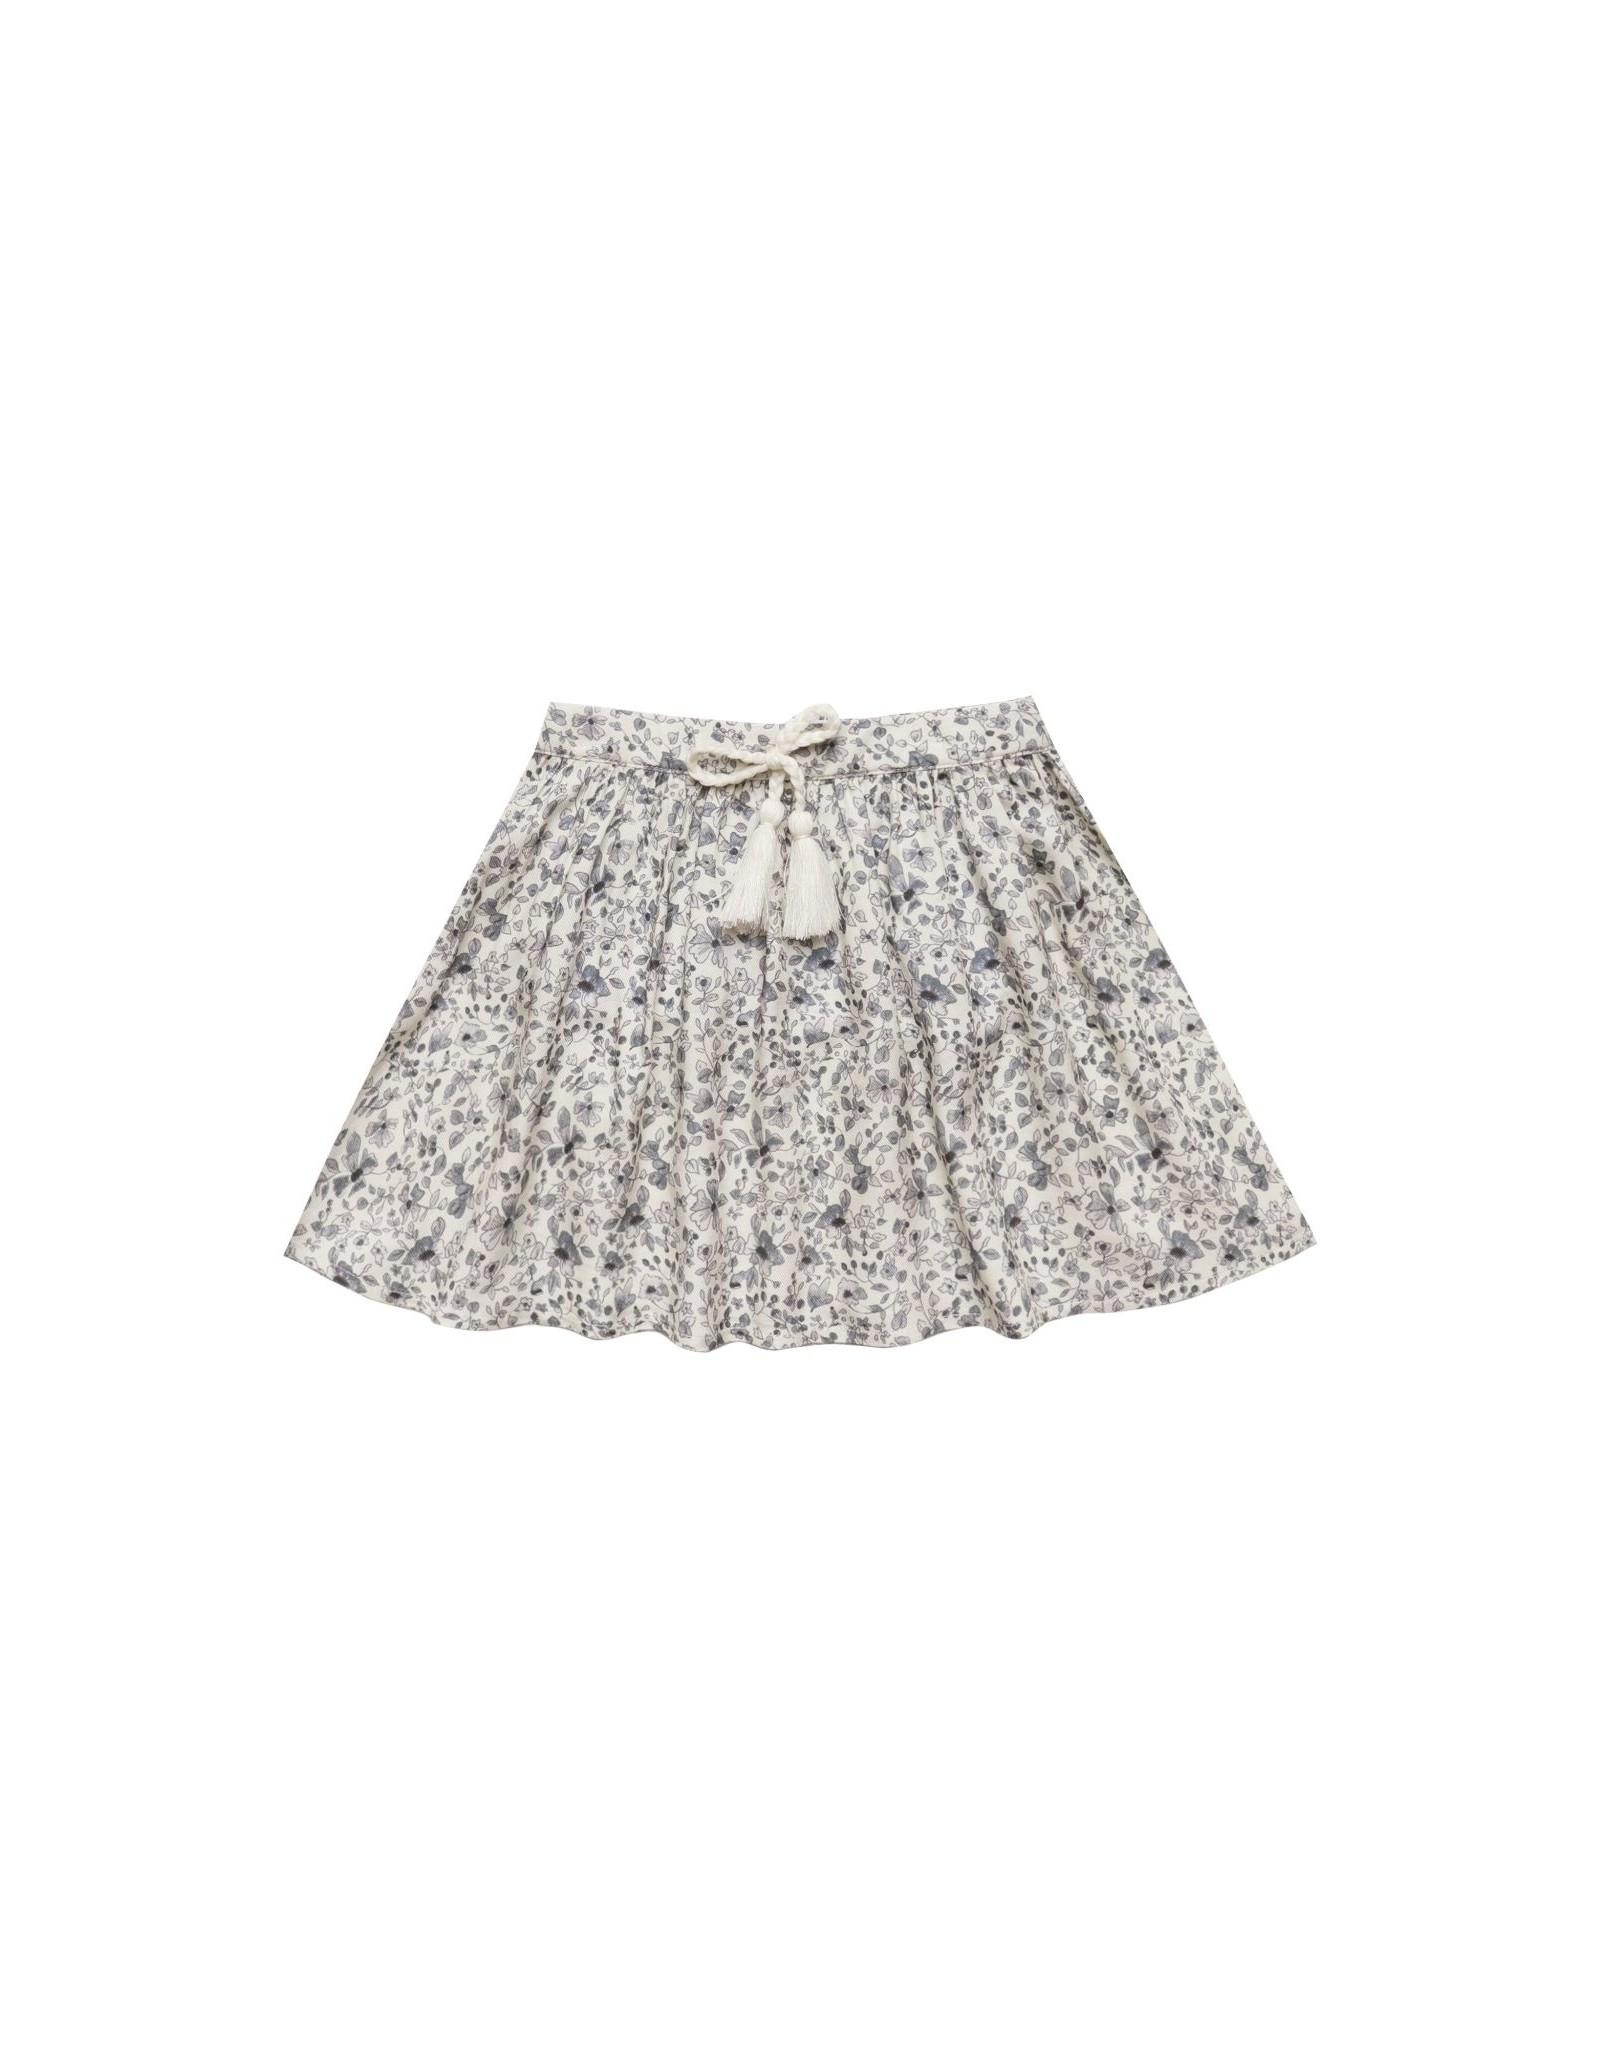 Rylee & Cru Rylee & Cru Blue Floral Mini Skirt